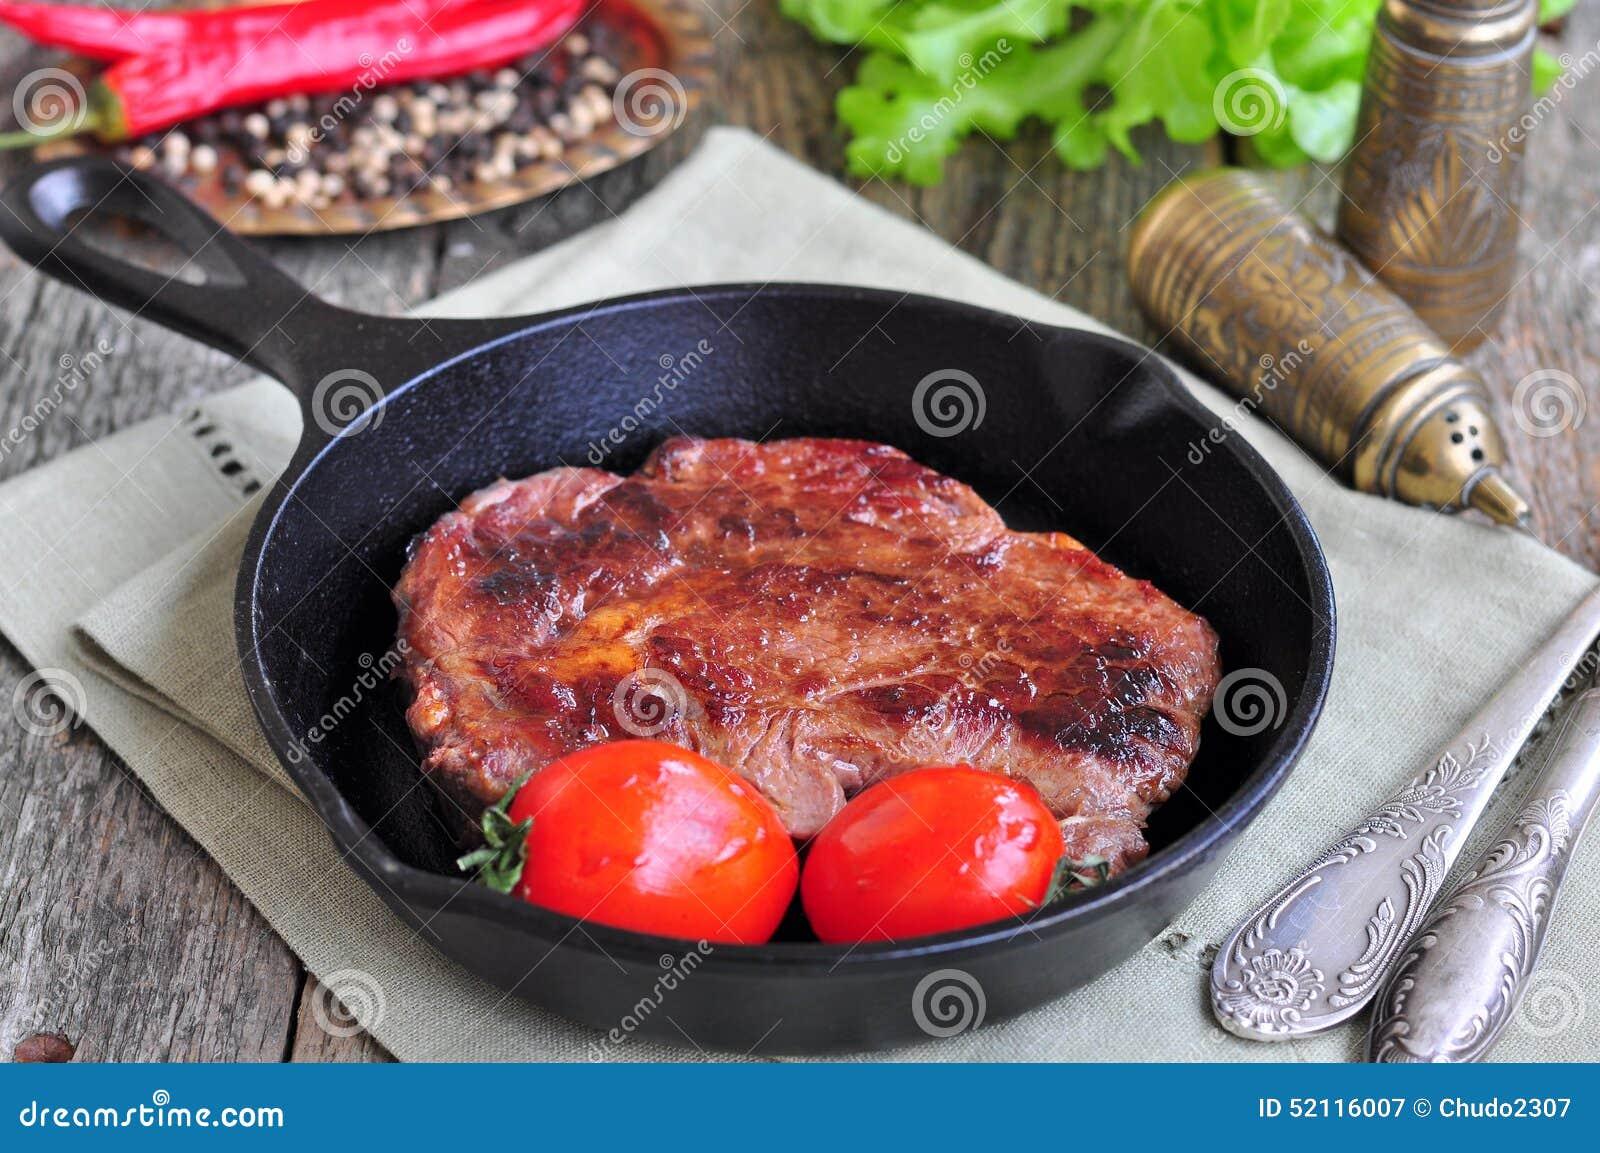 Стейк из говядины на сковороде картинки